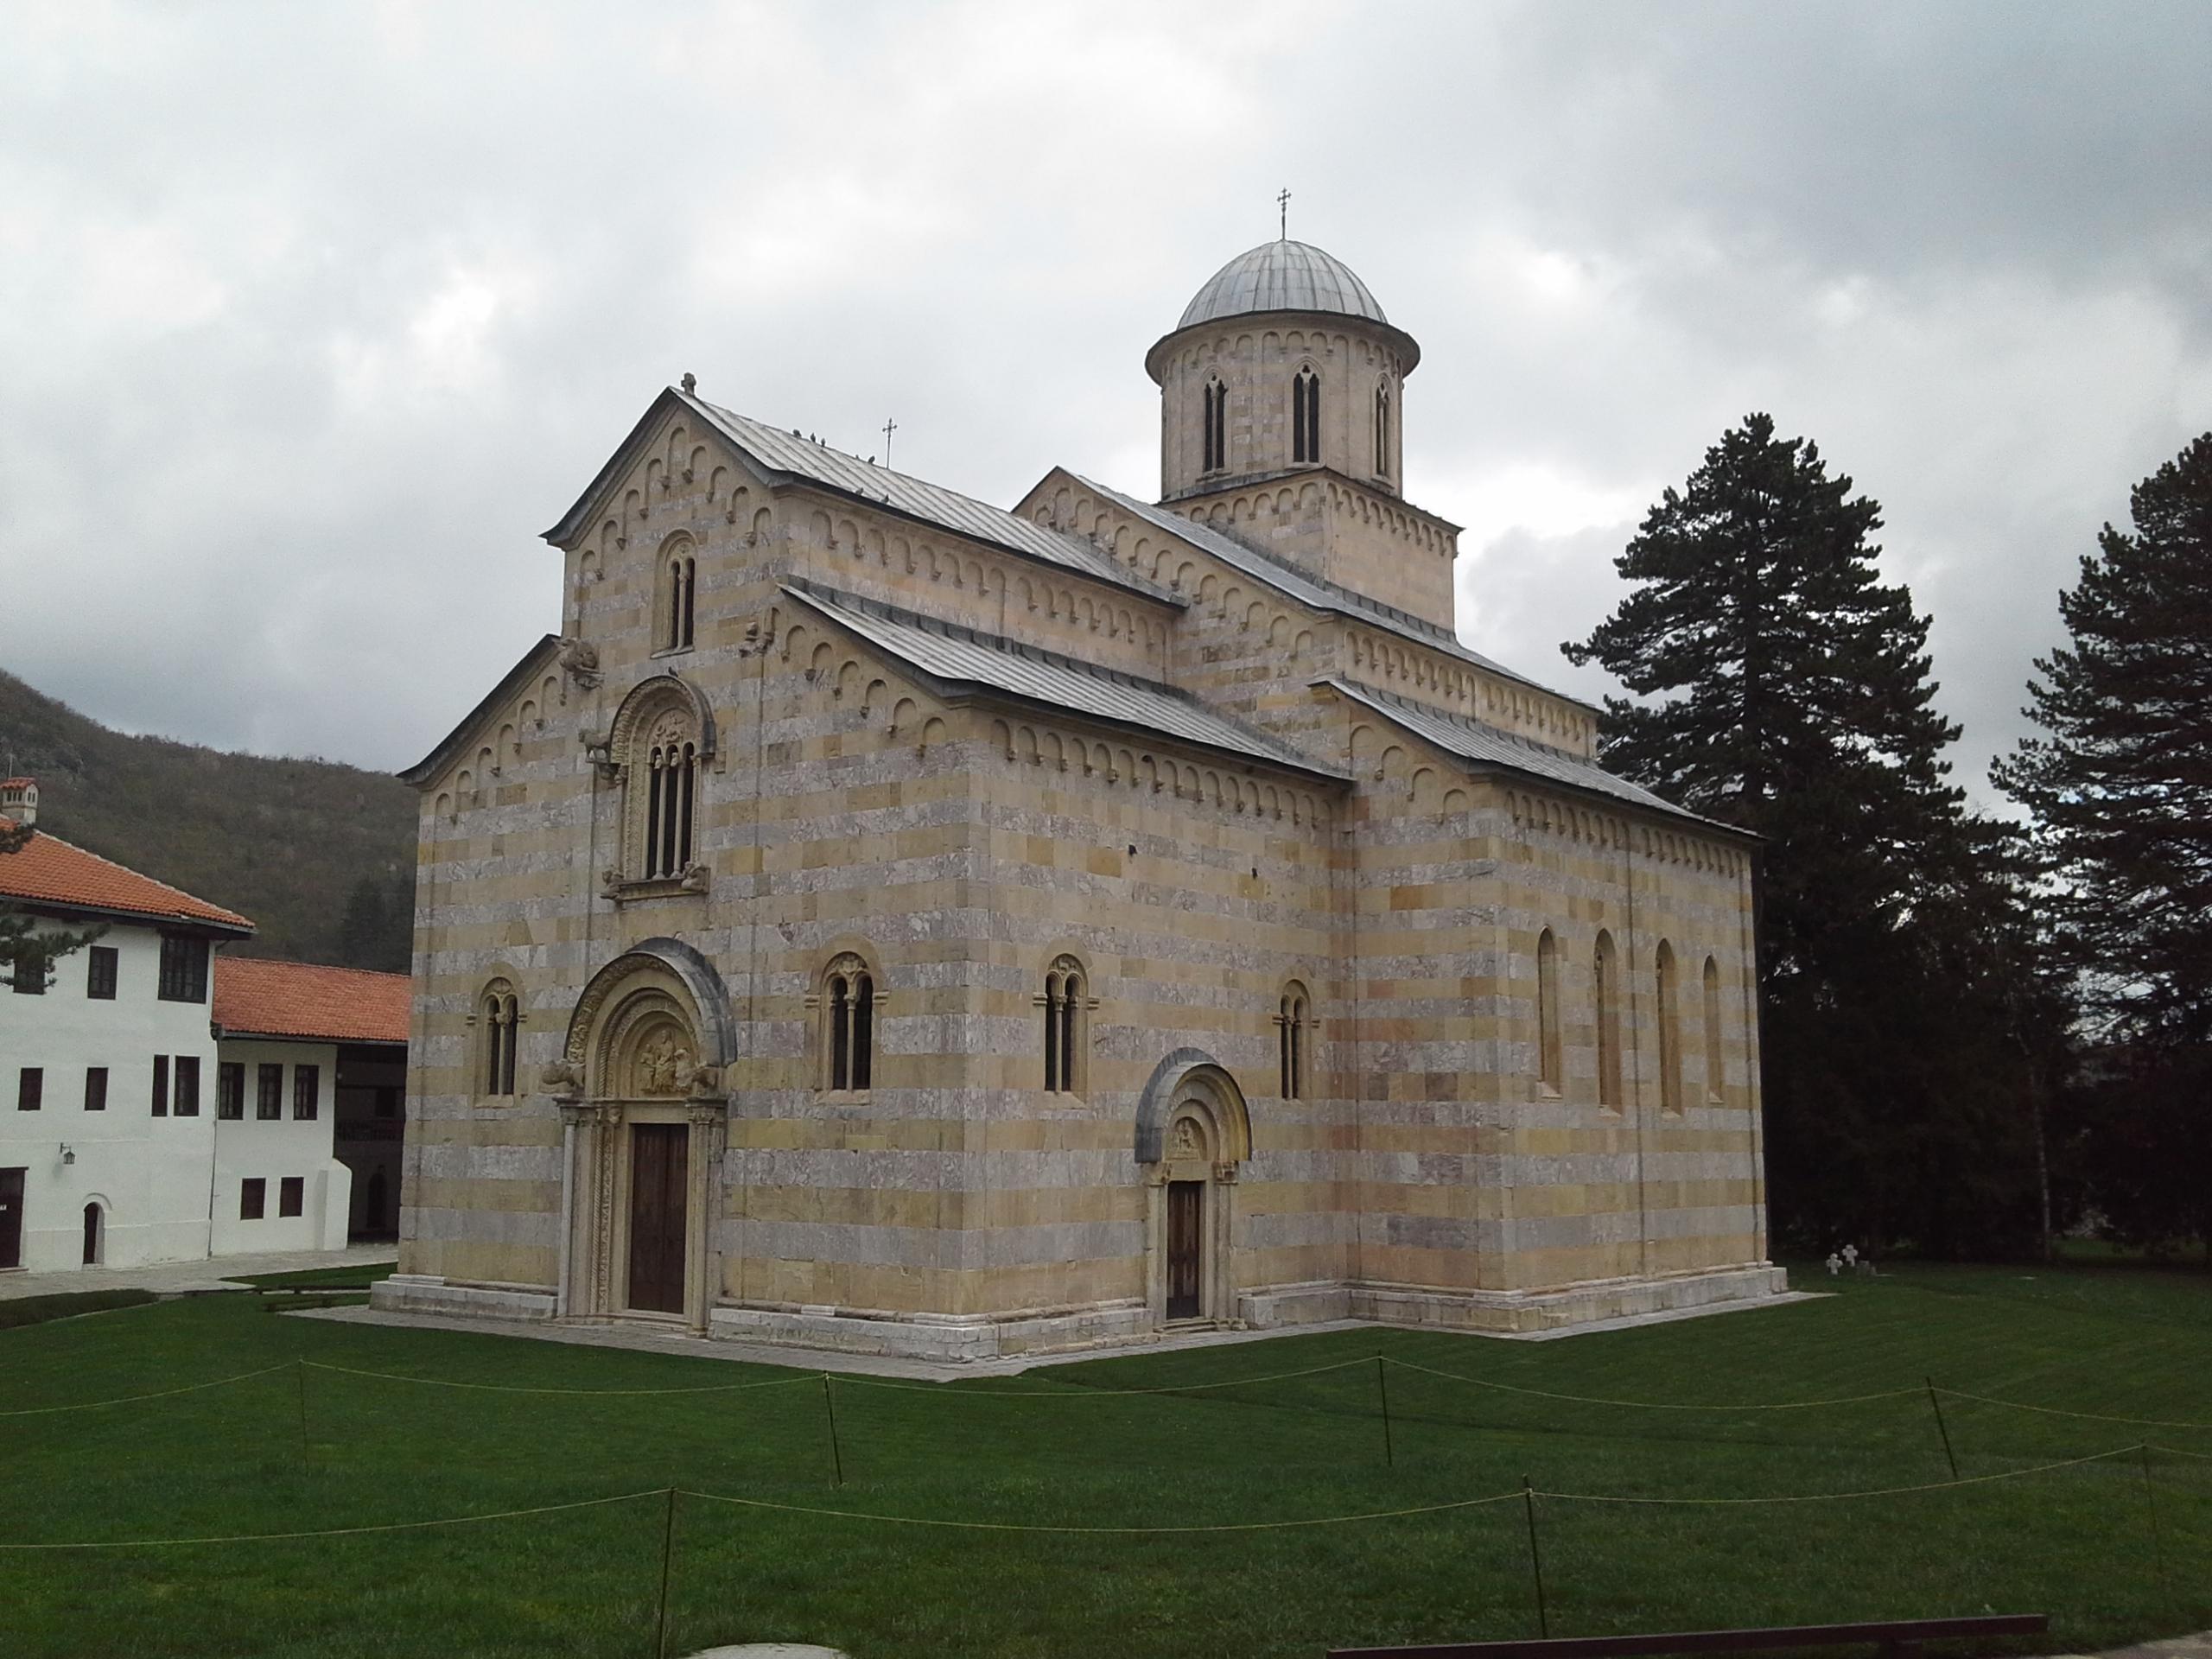 Srpsko srednjovekovno nasleđe na KiM je neotuđivo, svaki kamen svedoči